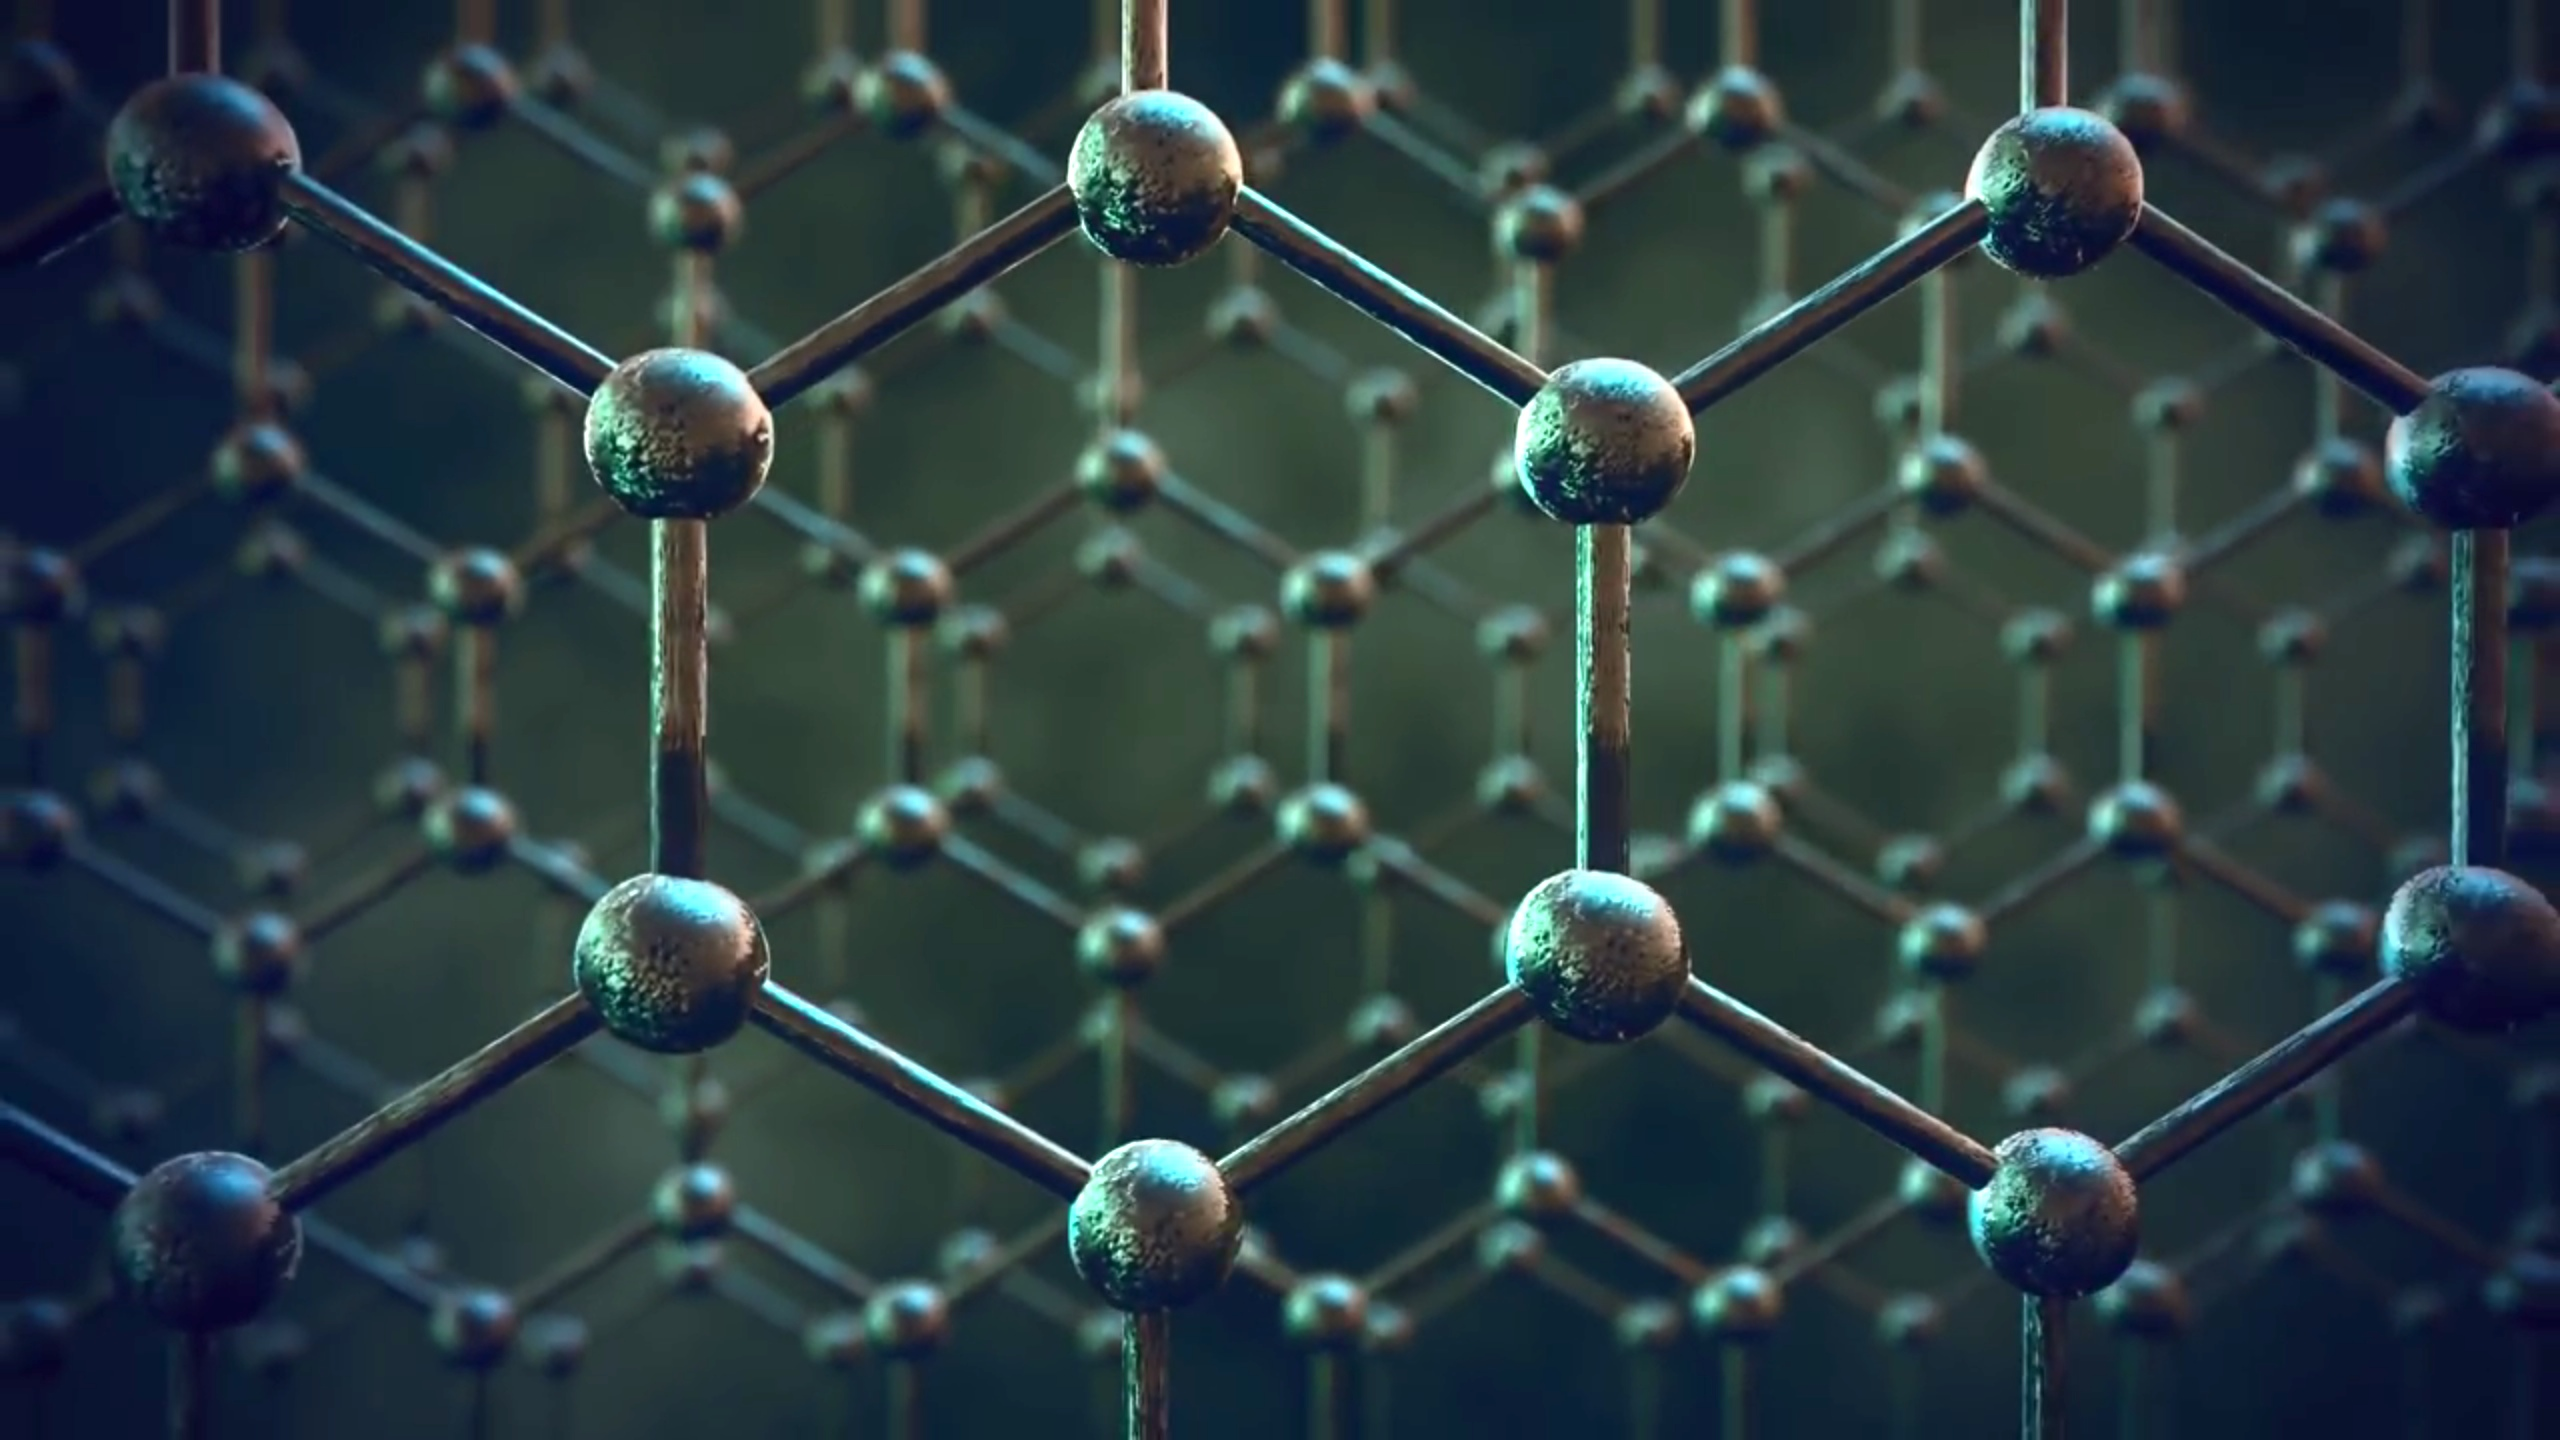 Den Forschern in Manchester ist es gelungen, ein Graphengitter zu bauen, das Wasser durchlässt, aber Salzkristalle aufhält.